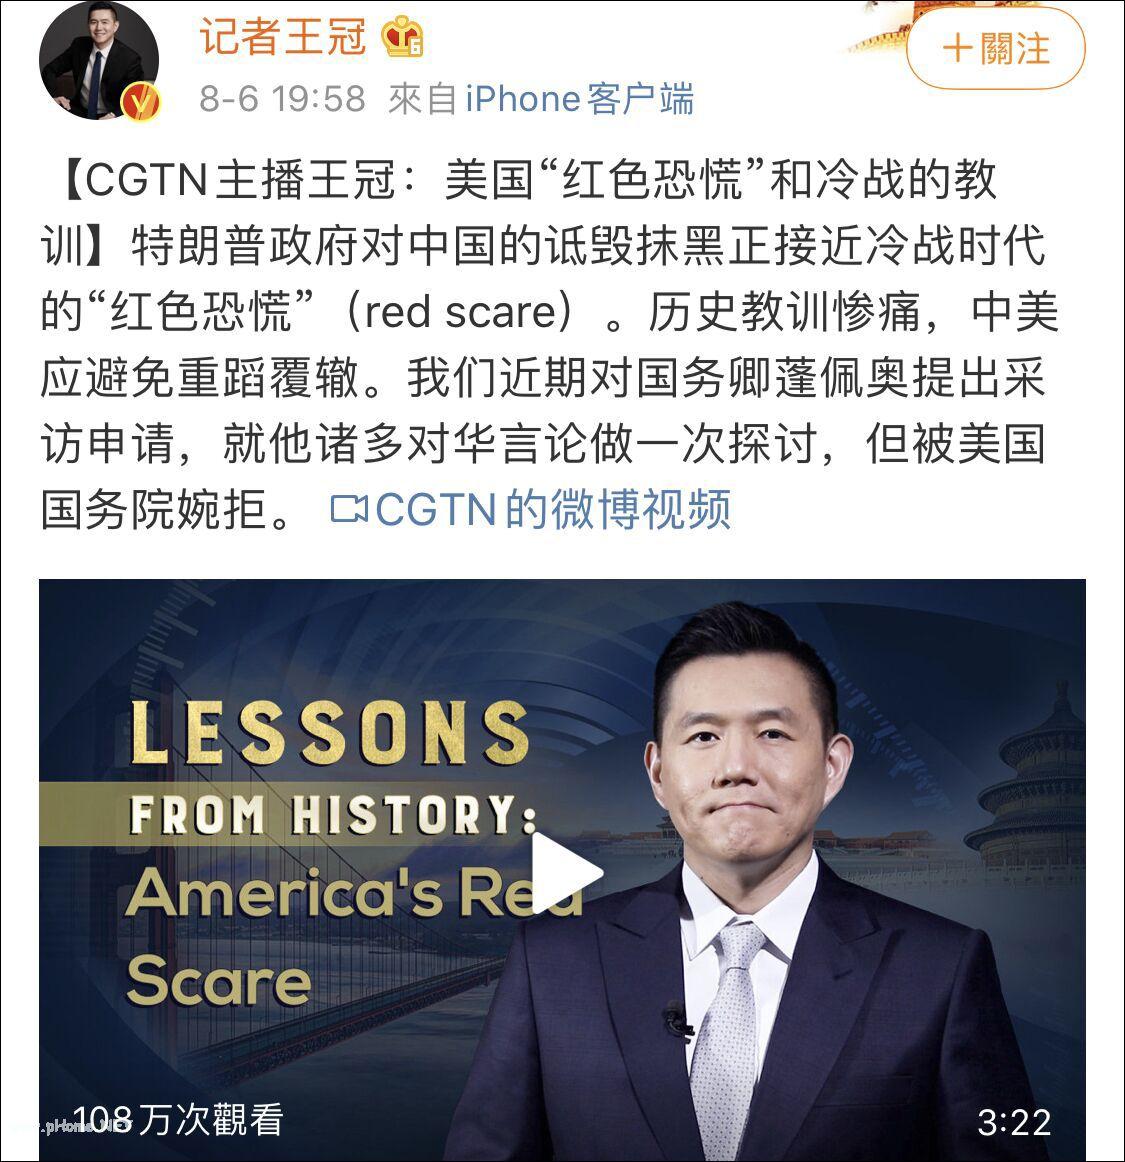 中国央媒申请采访蓬佩奥 当面沟通对华言论 遭拒绝